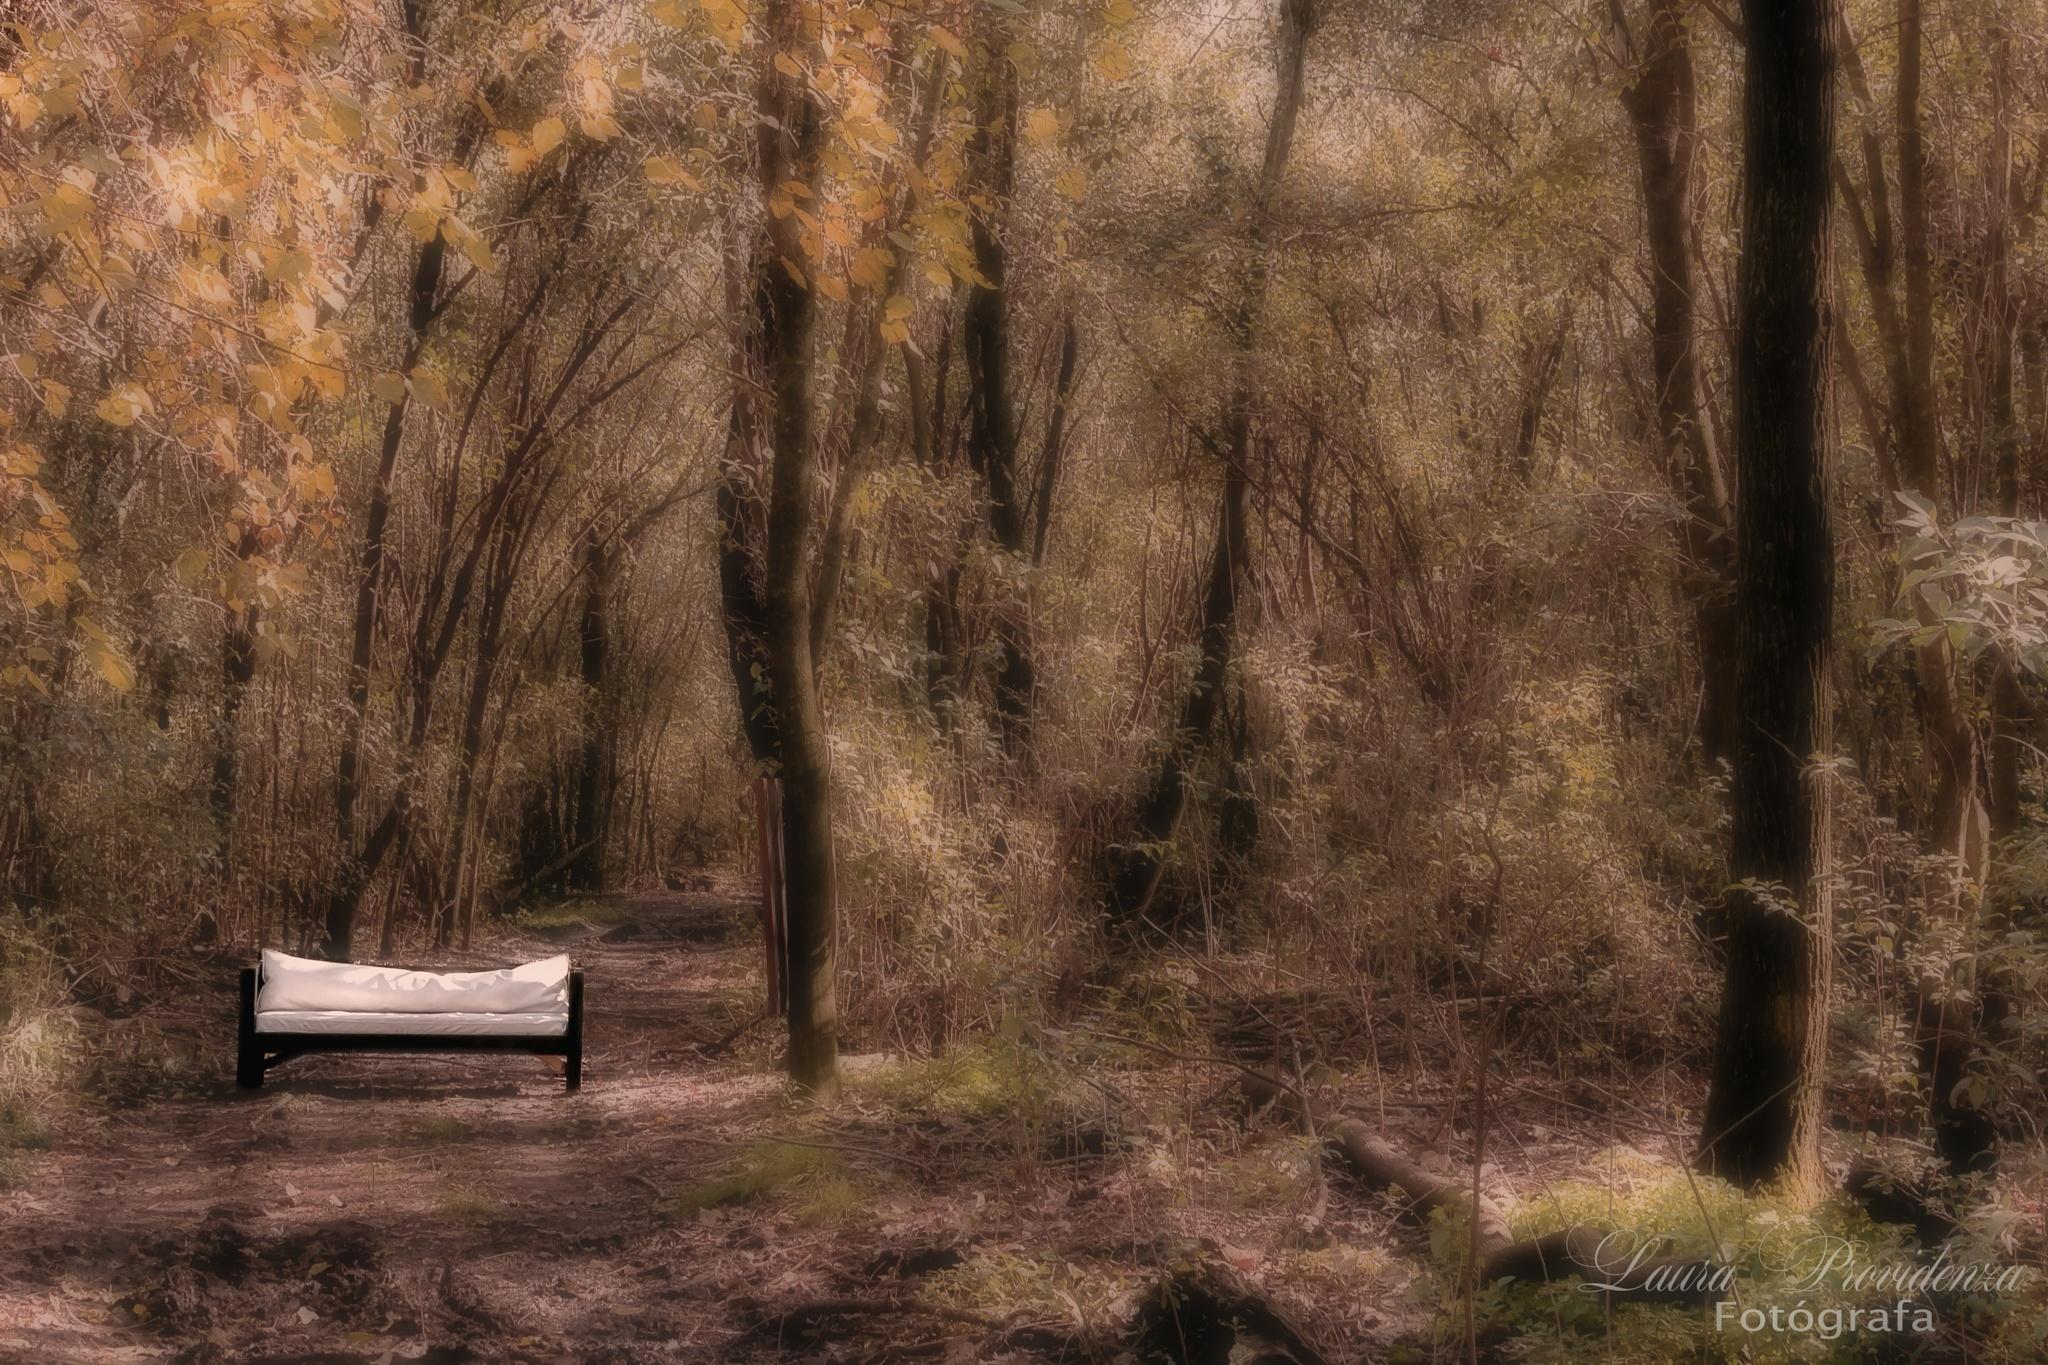 Bosque de ensueño by LauraProvidenza